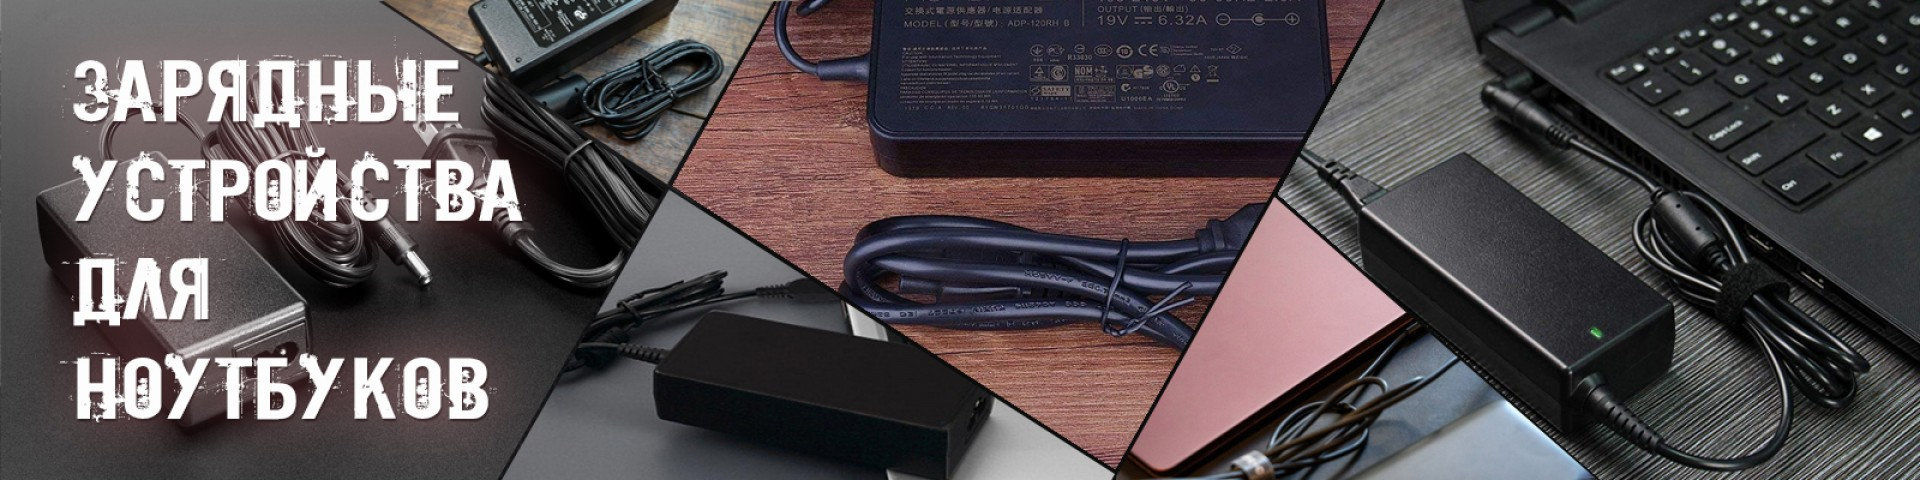 Купить зарядное устройства блок питания для ноутбуков в Минске